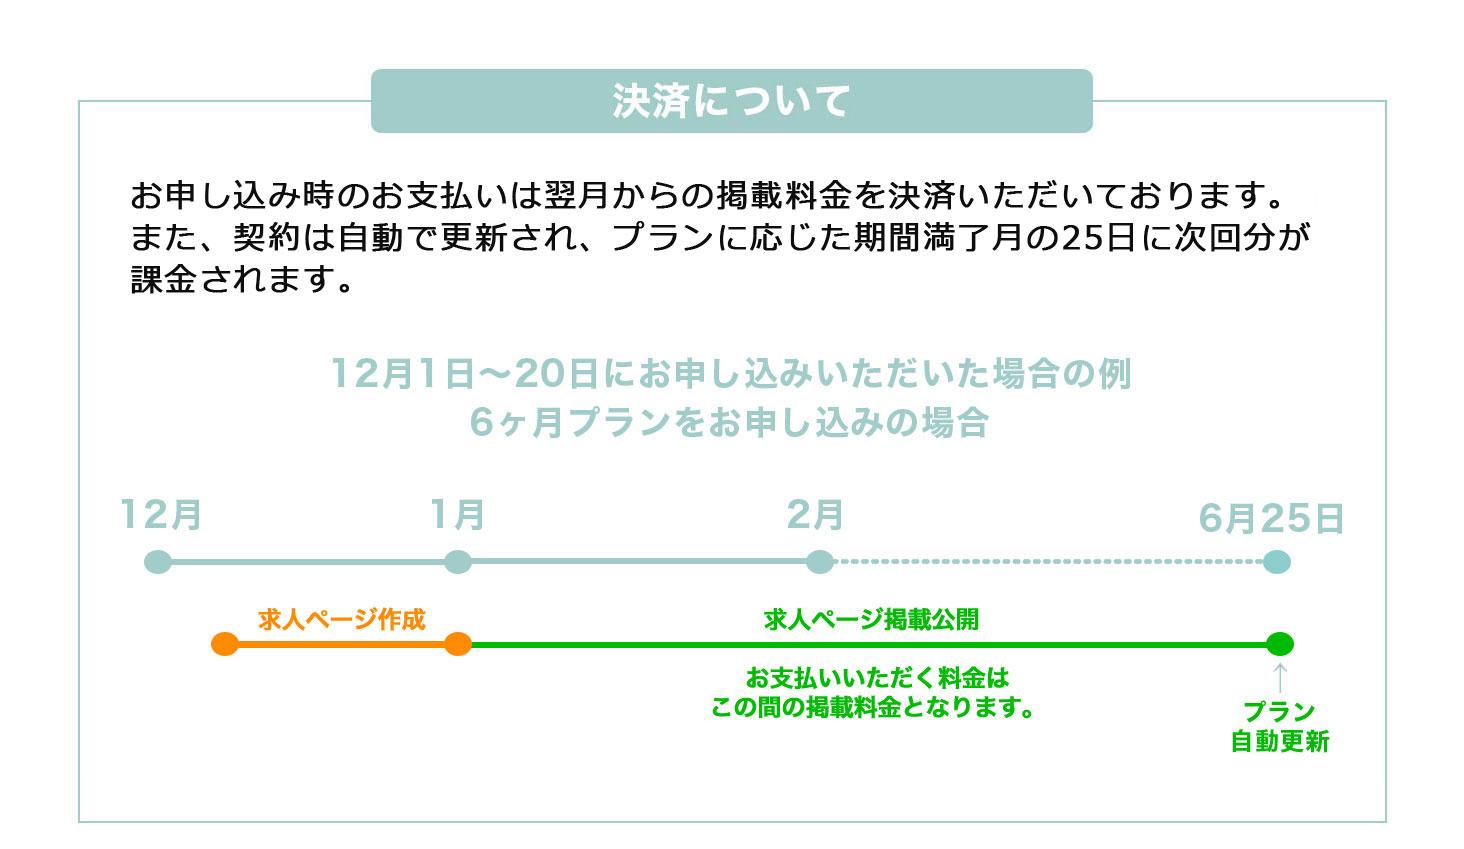 決済について:お申し込み時のお支払いは翌月からの掲載料金を決済いただいております。また、契約は自動で更新され、プランに応じた期間満了付きの25日に次回分が課金されます。